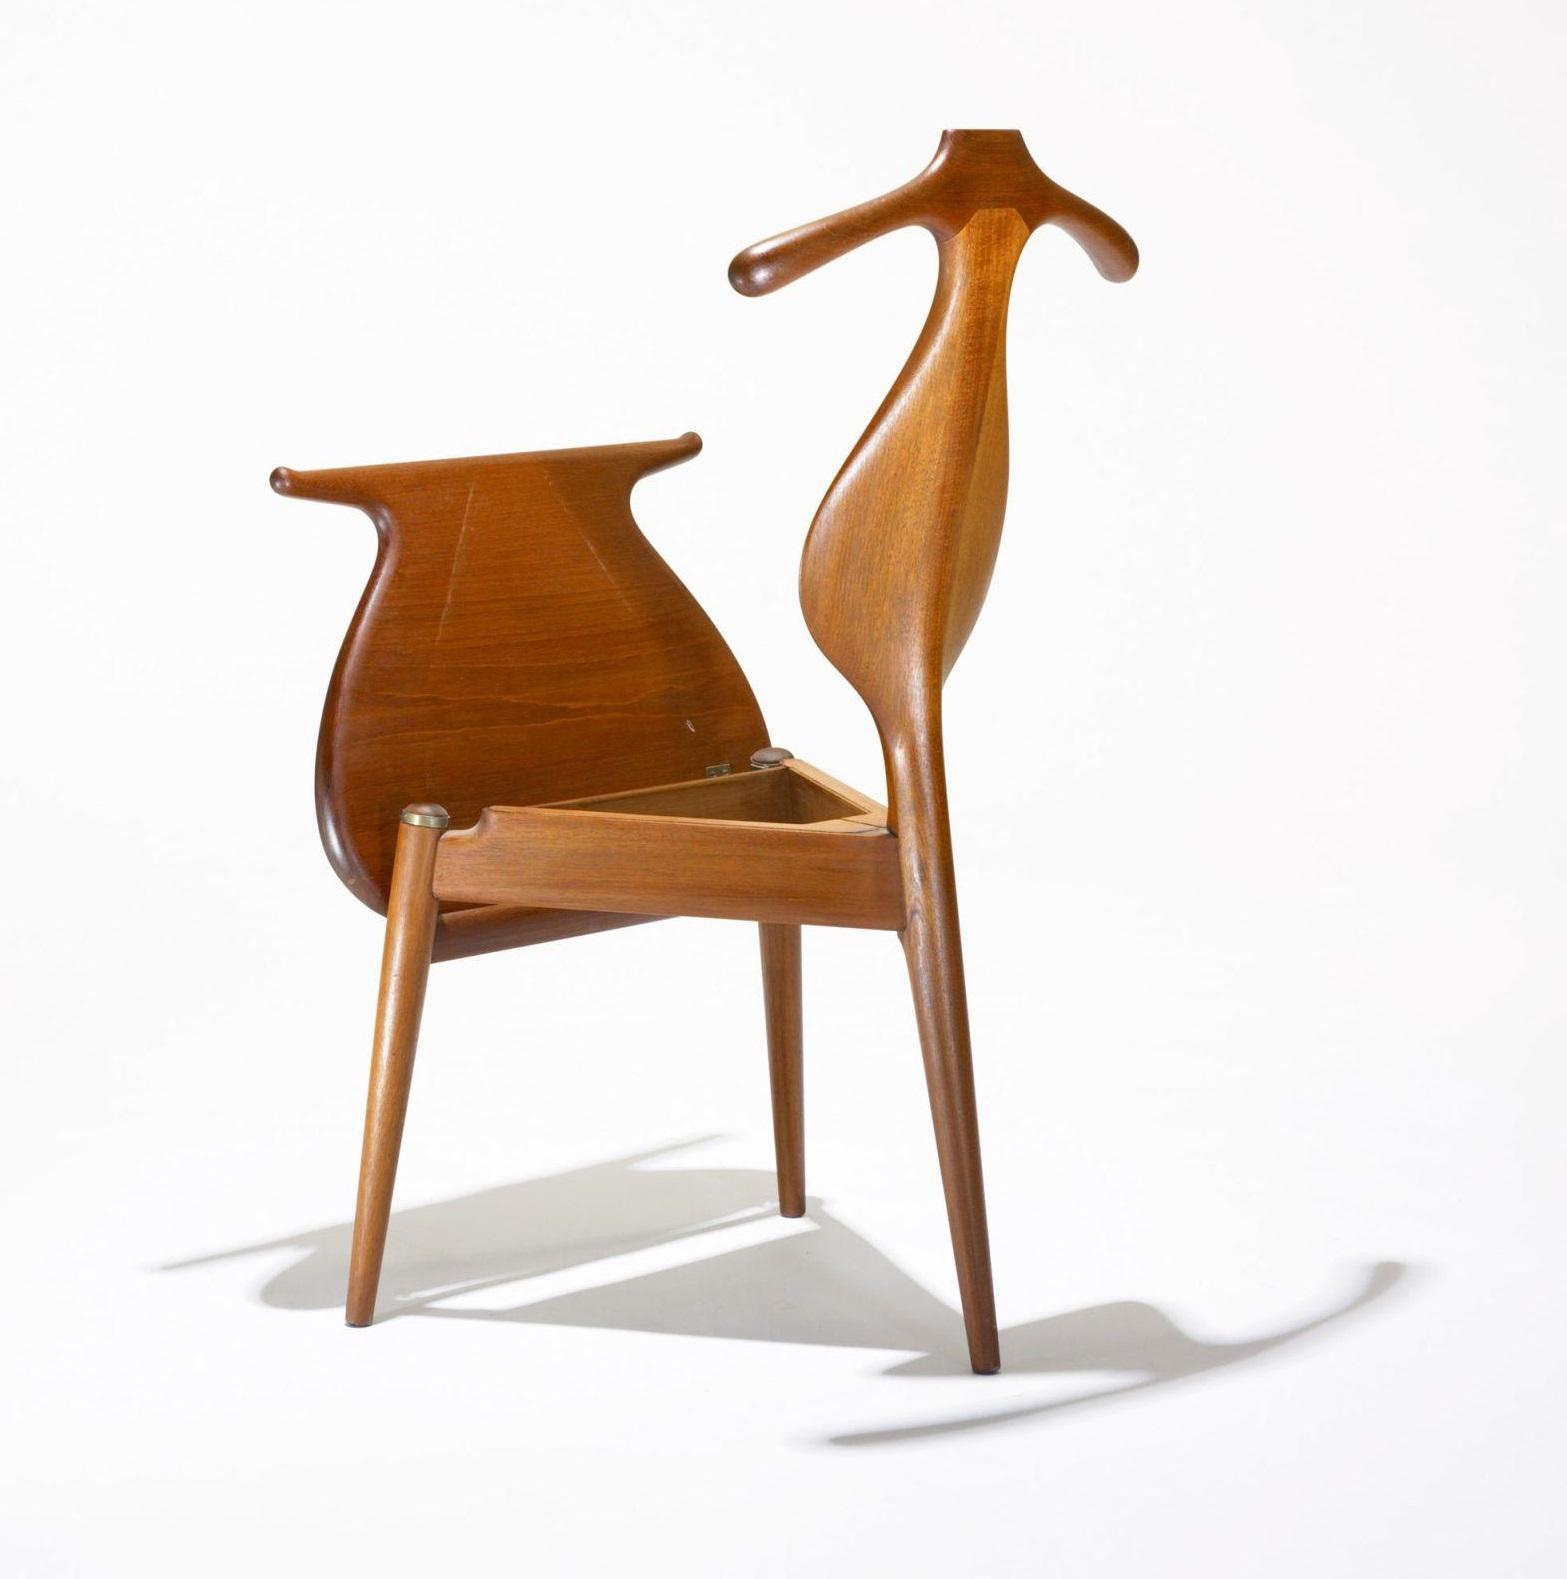 VALET CHAIR Design: Hans J.Wegner, 1951 510 x 500 x 950 mm Solid OAK wood Price: 3.770.000 VND Ghế Valet là một trong những thiết kế tiêu biểu của Wegner, công năng của ghế không chỉ dùng làm ghế ăn, ghế cà phê, trong các quán cafe, nhà hàng, khách sạn, mà còn dùng trong tư gia với cả chức năng móc áo quần nhé!